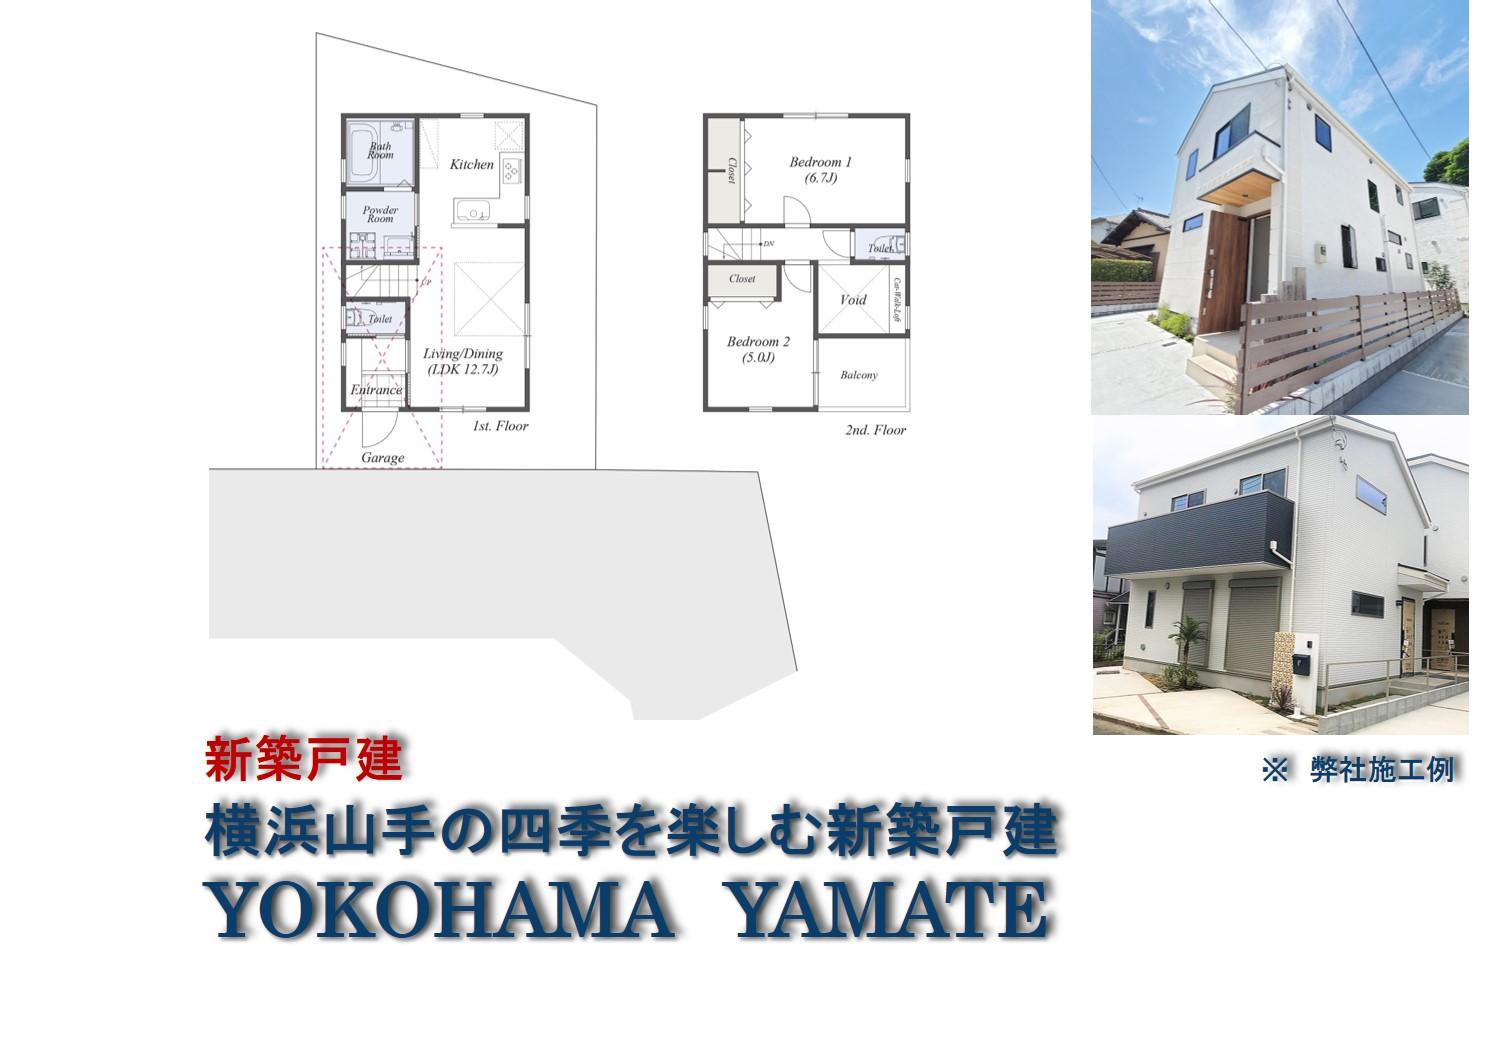 横浜山手の四季を楽しむ新築戸建  YOKOHAMA YAMATE